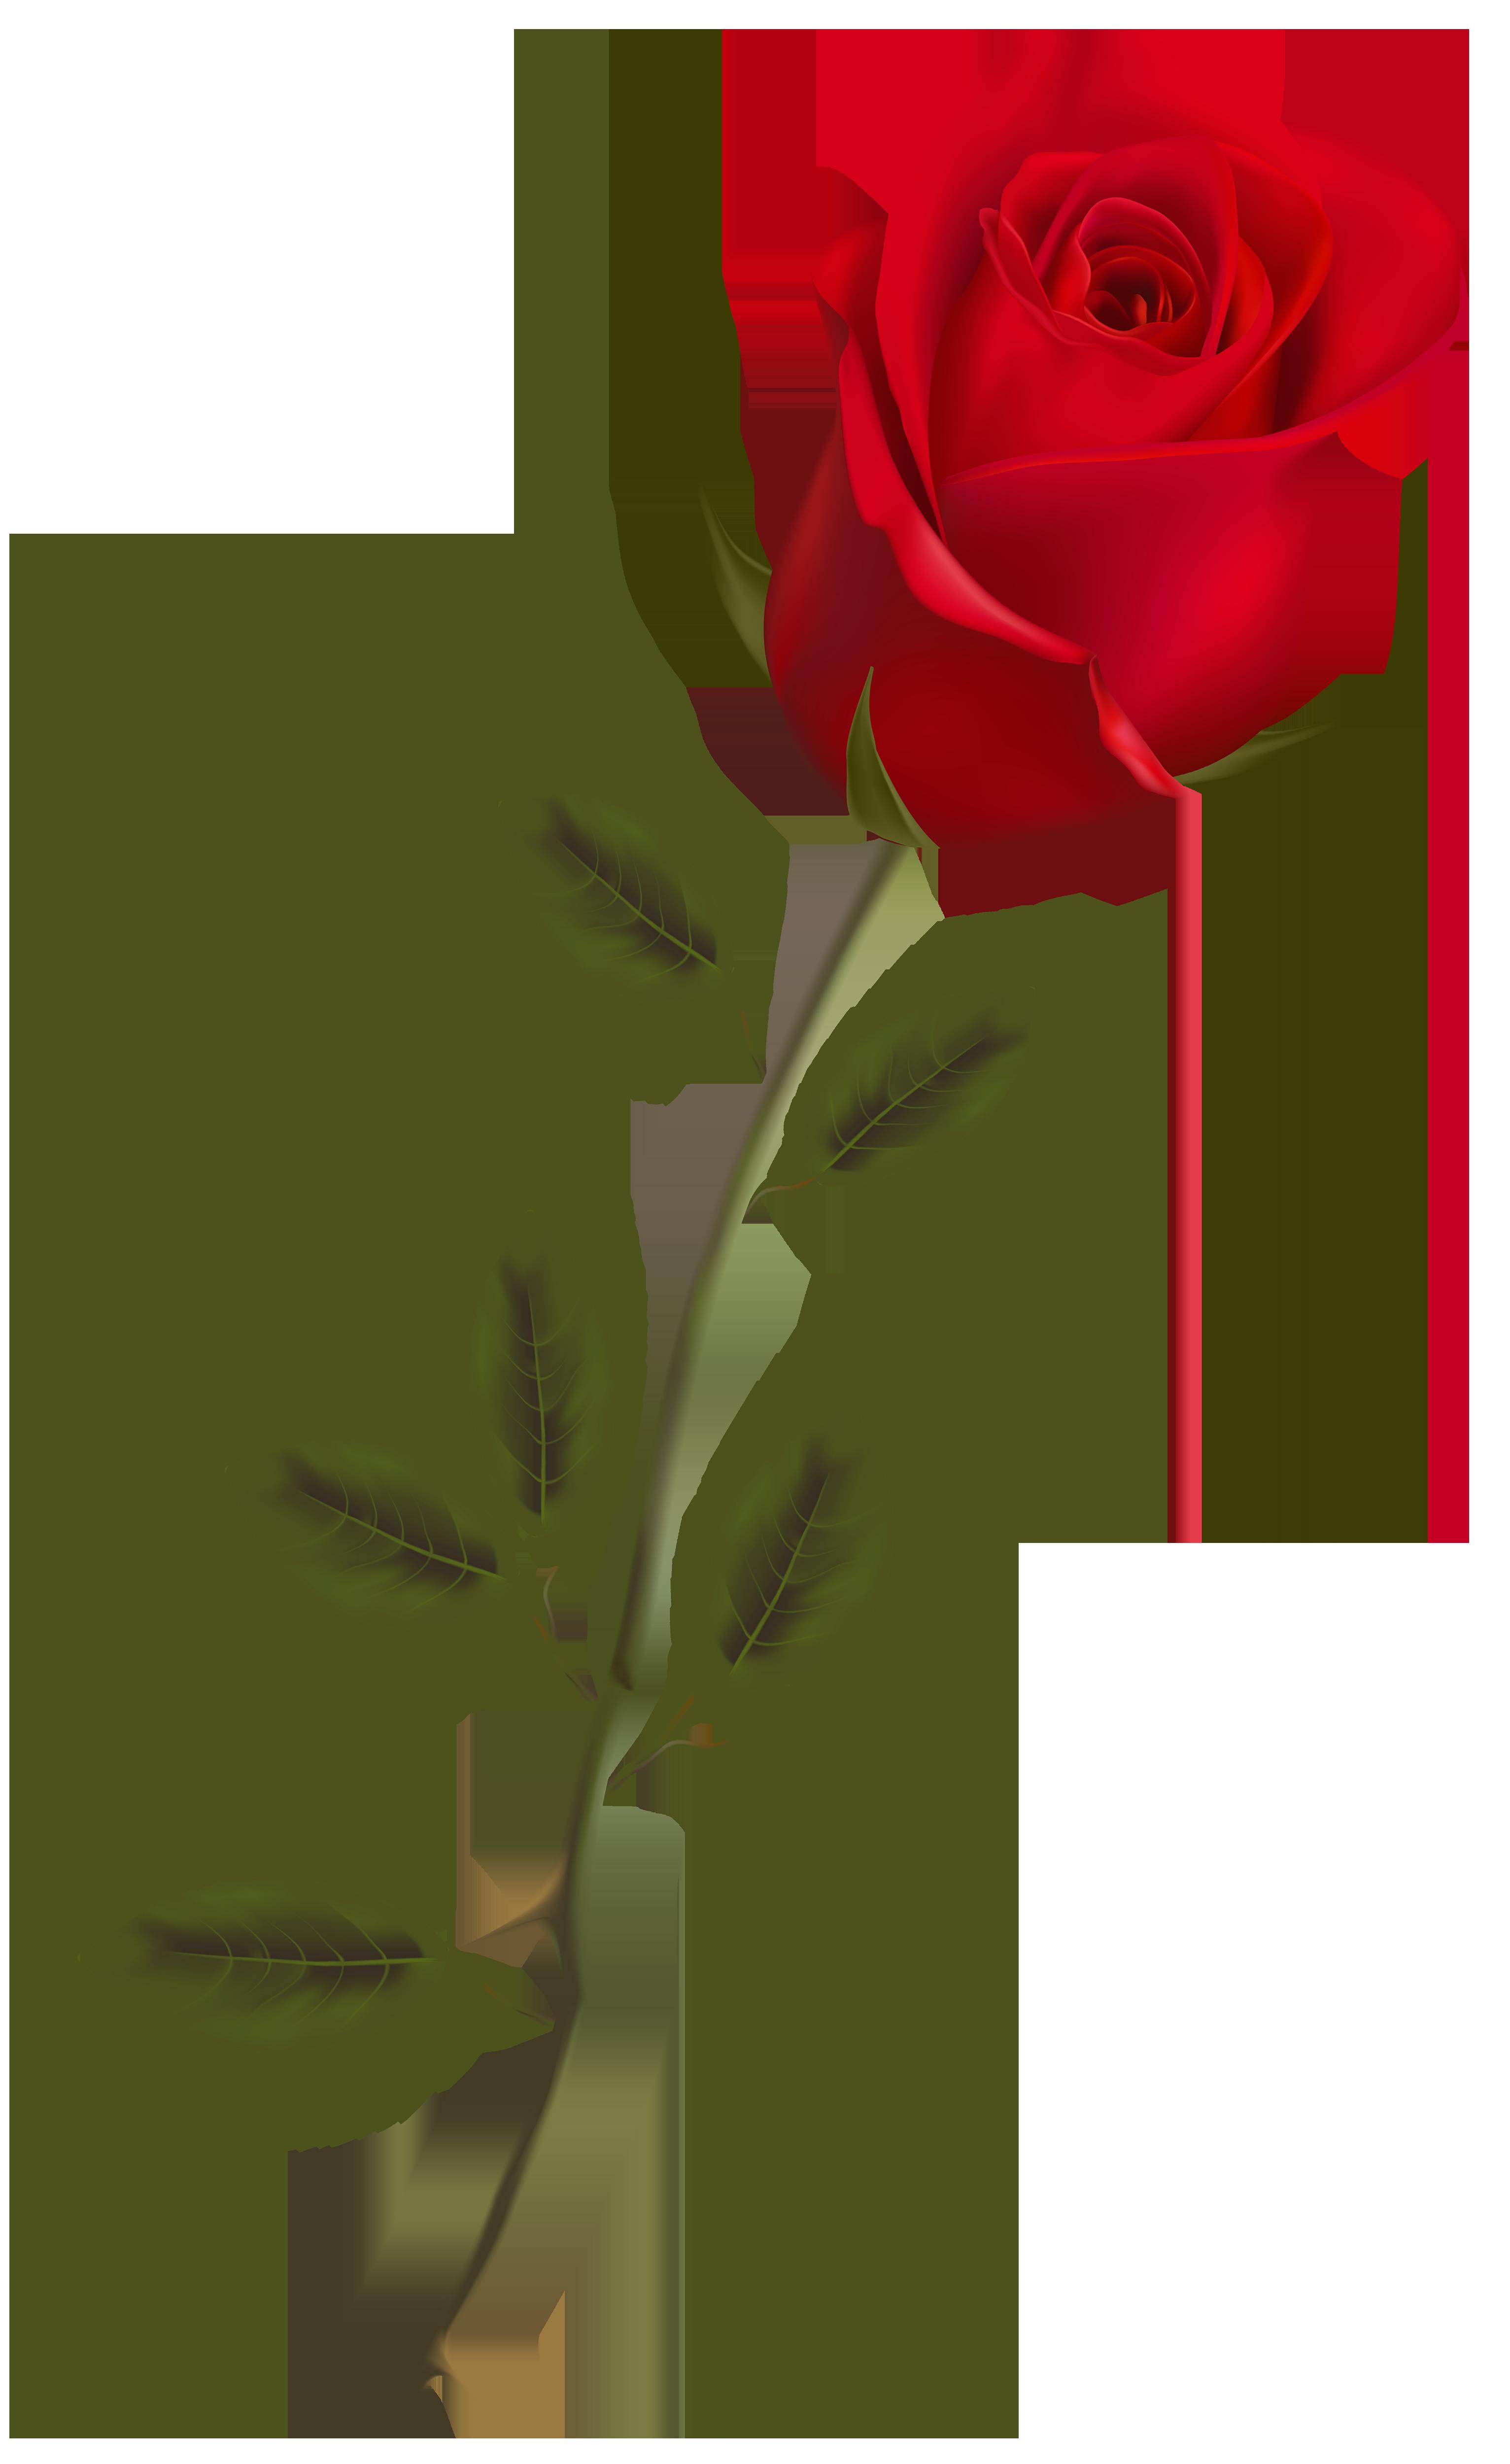 Download Rose Image Hq Png Image Freepngimg